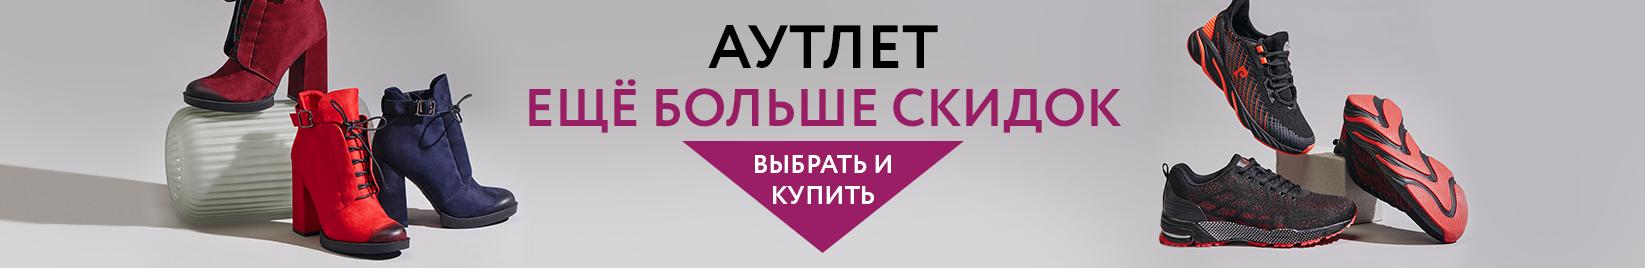 Catalog banner